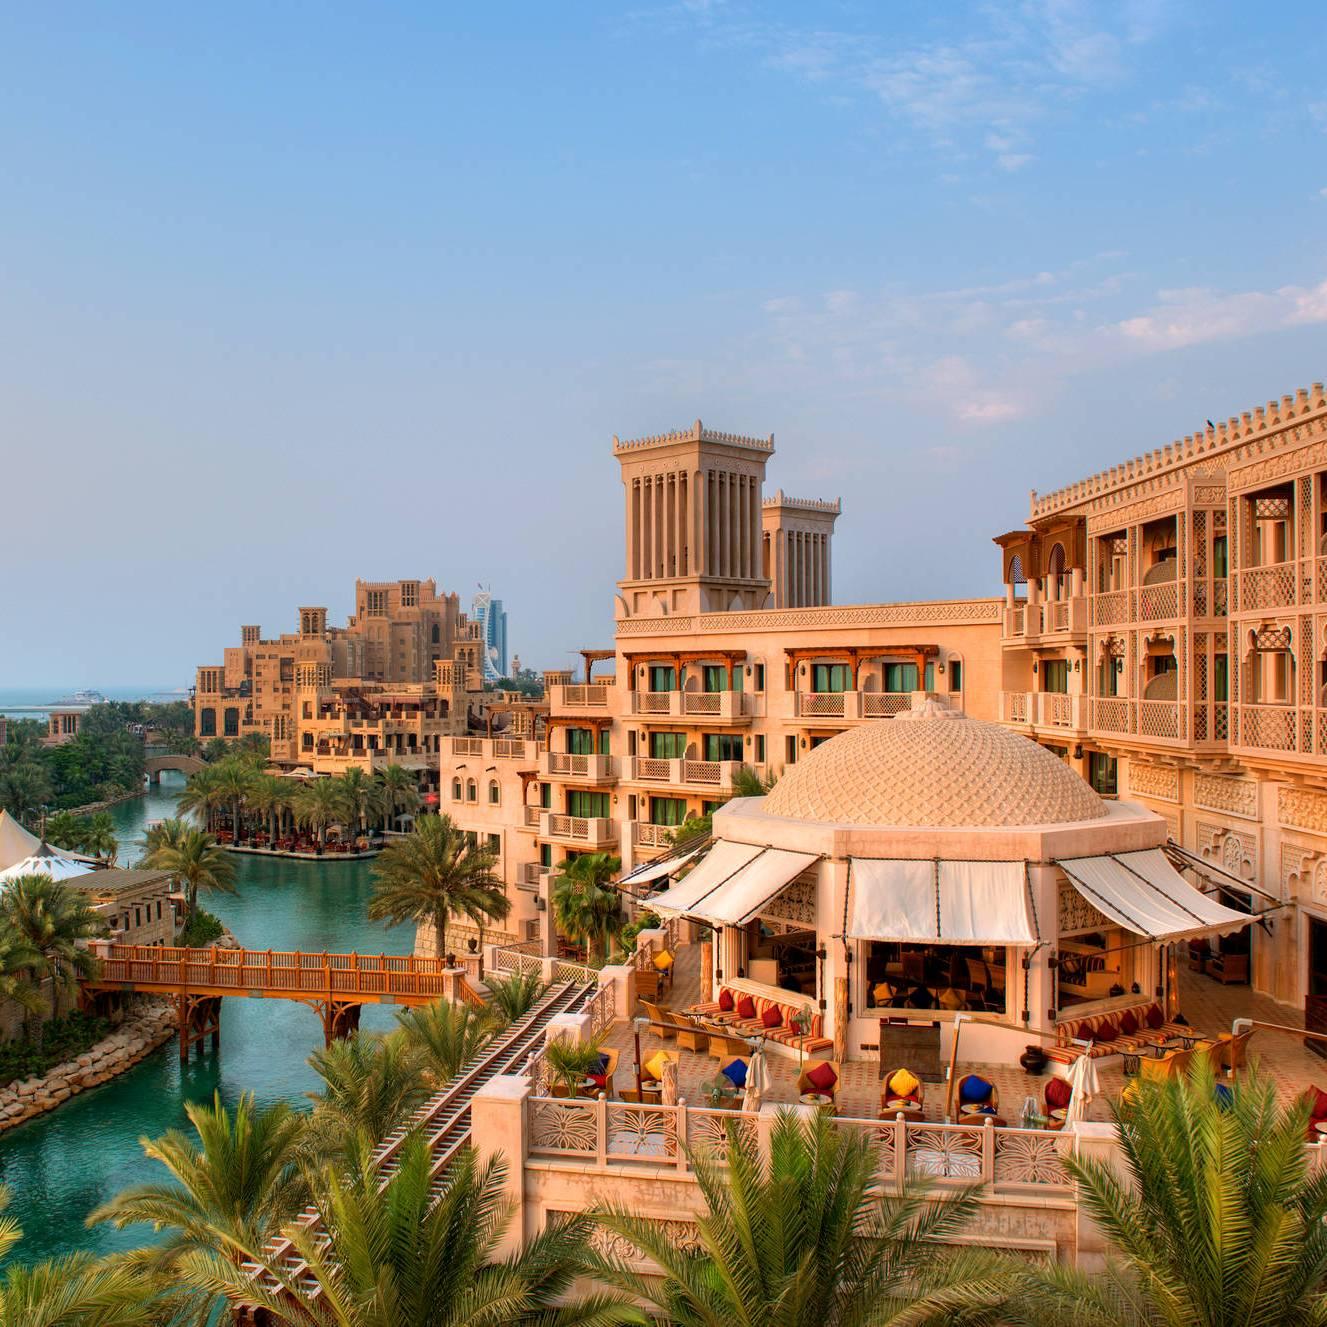 madinat_jumeirah-exterior_view